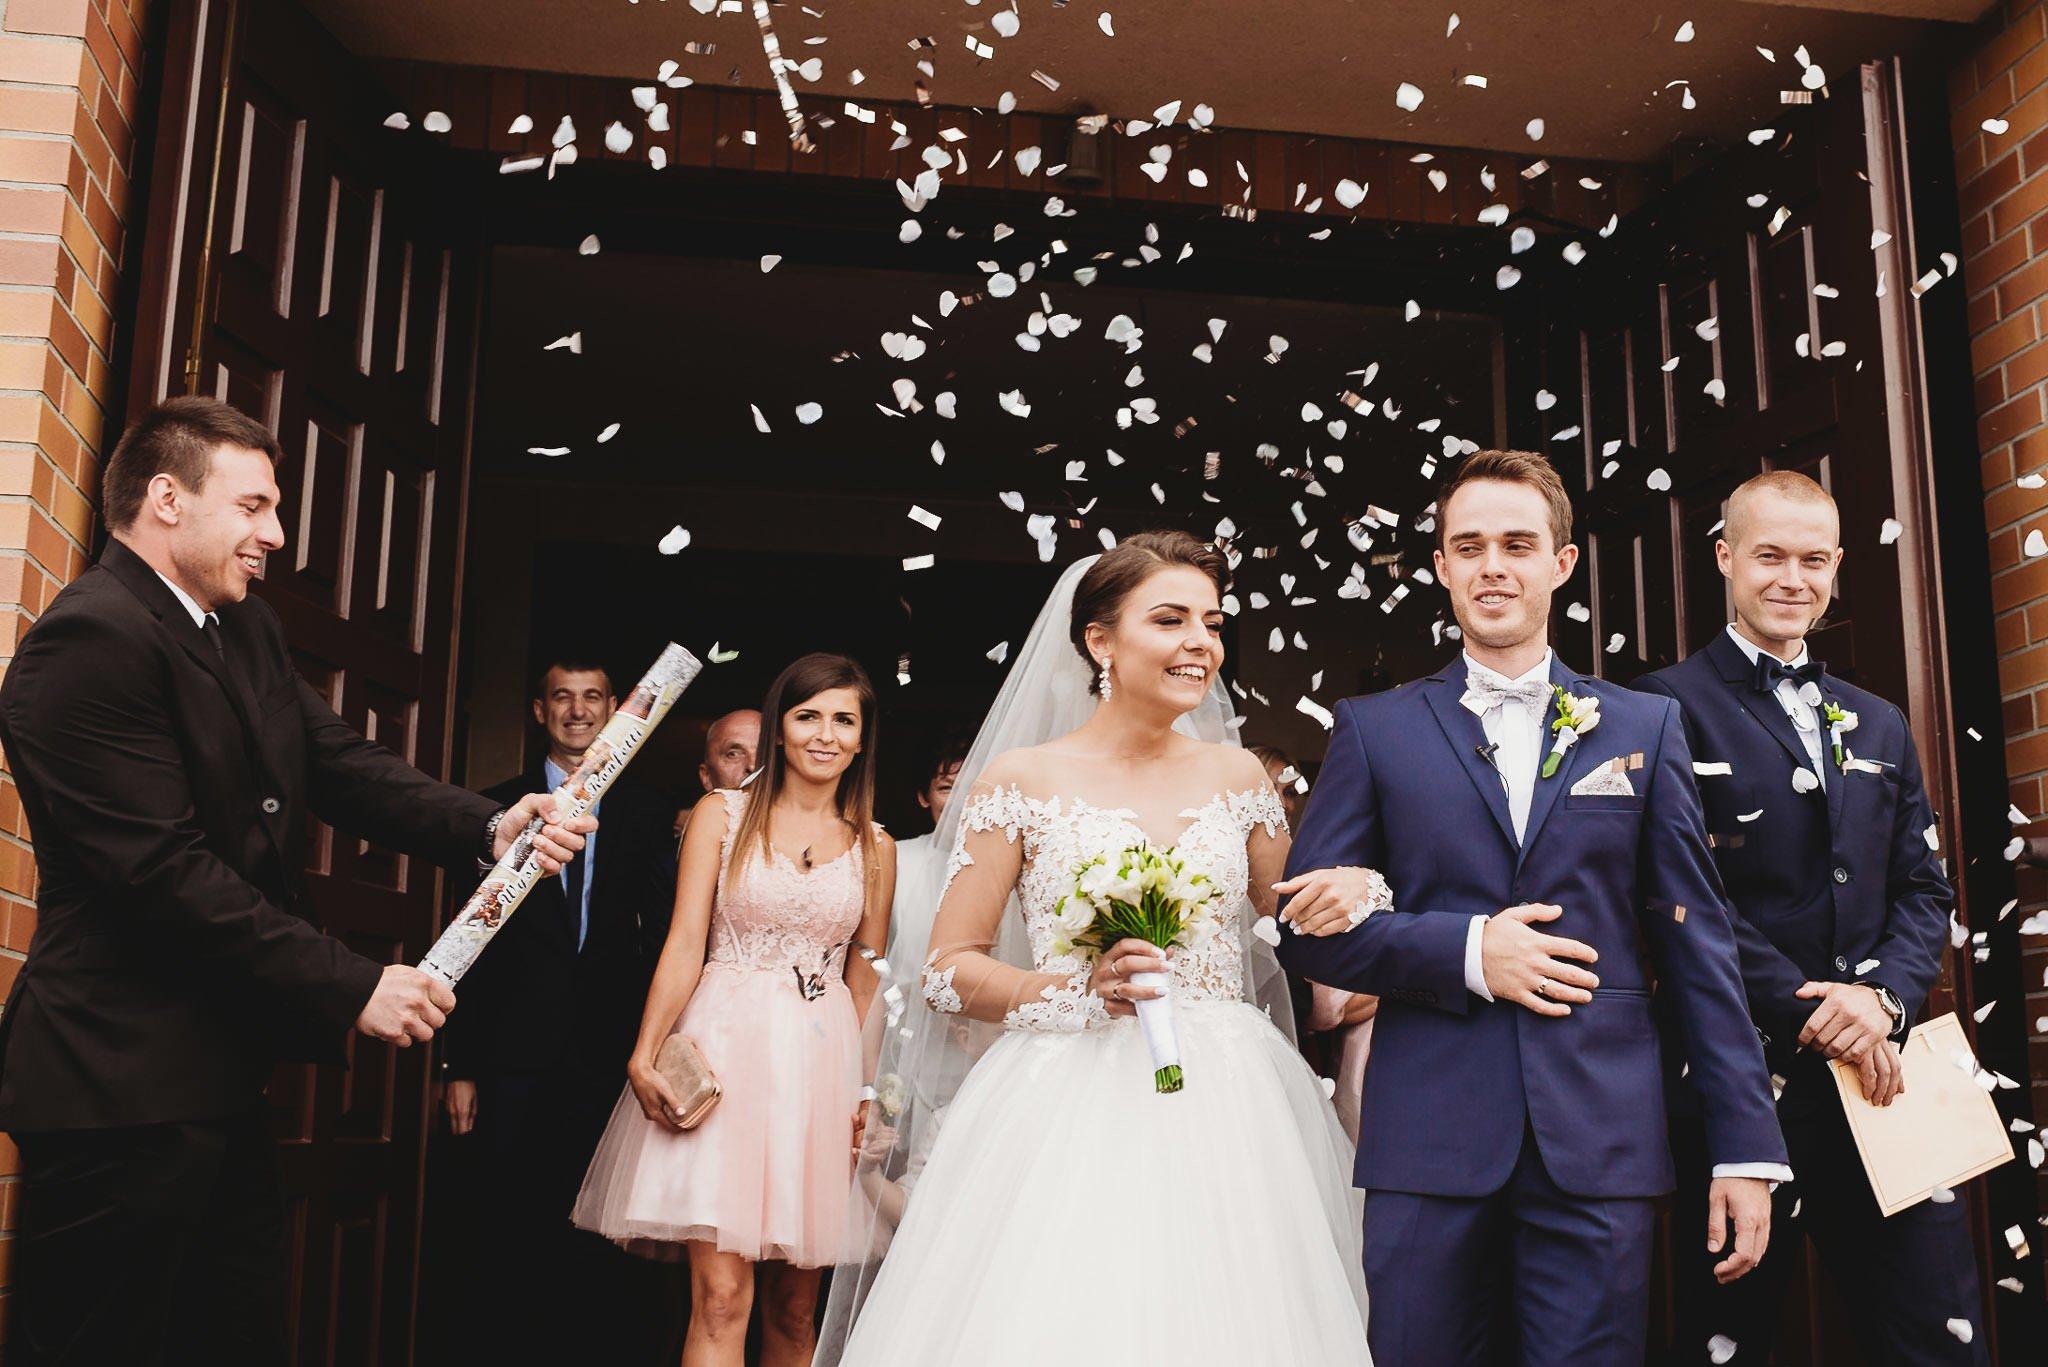 Angelika i Michał, piękne zdjęcia ślubne i sesja plenerowa w Gołuchowie 128